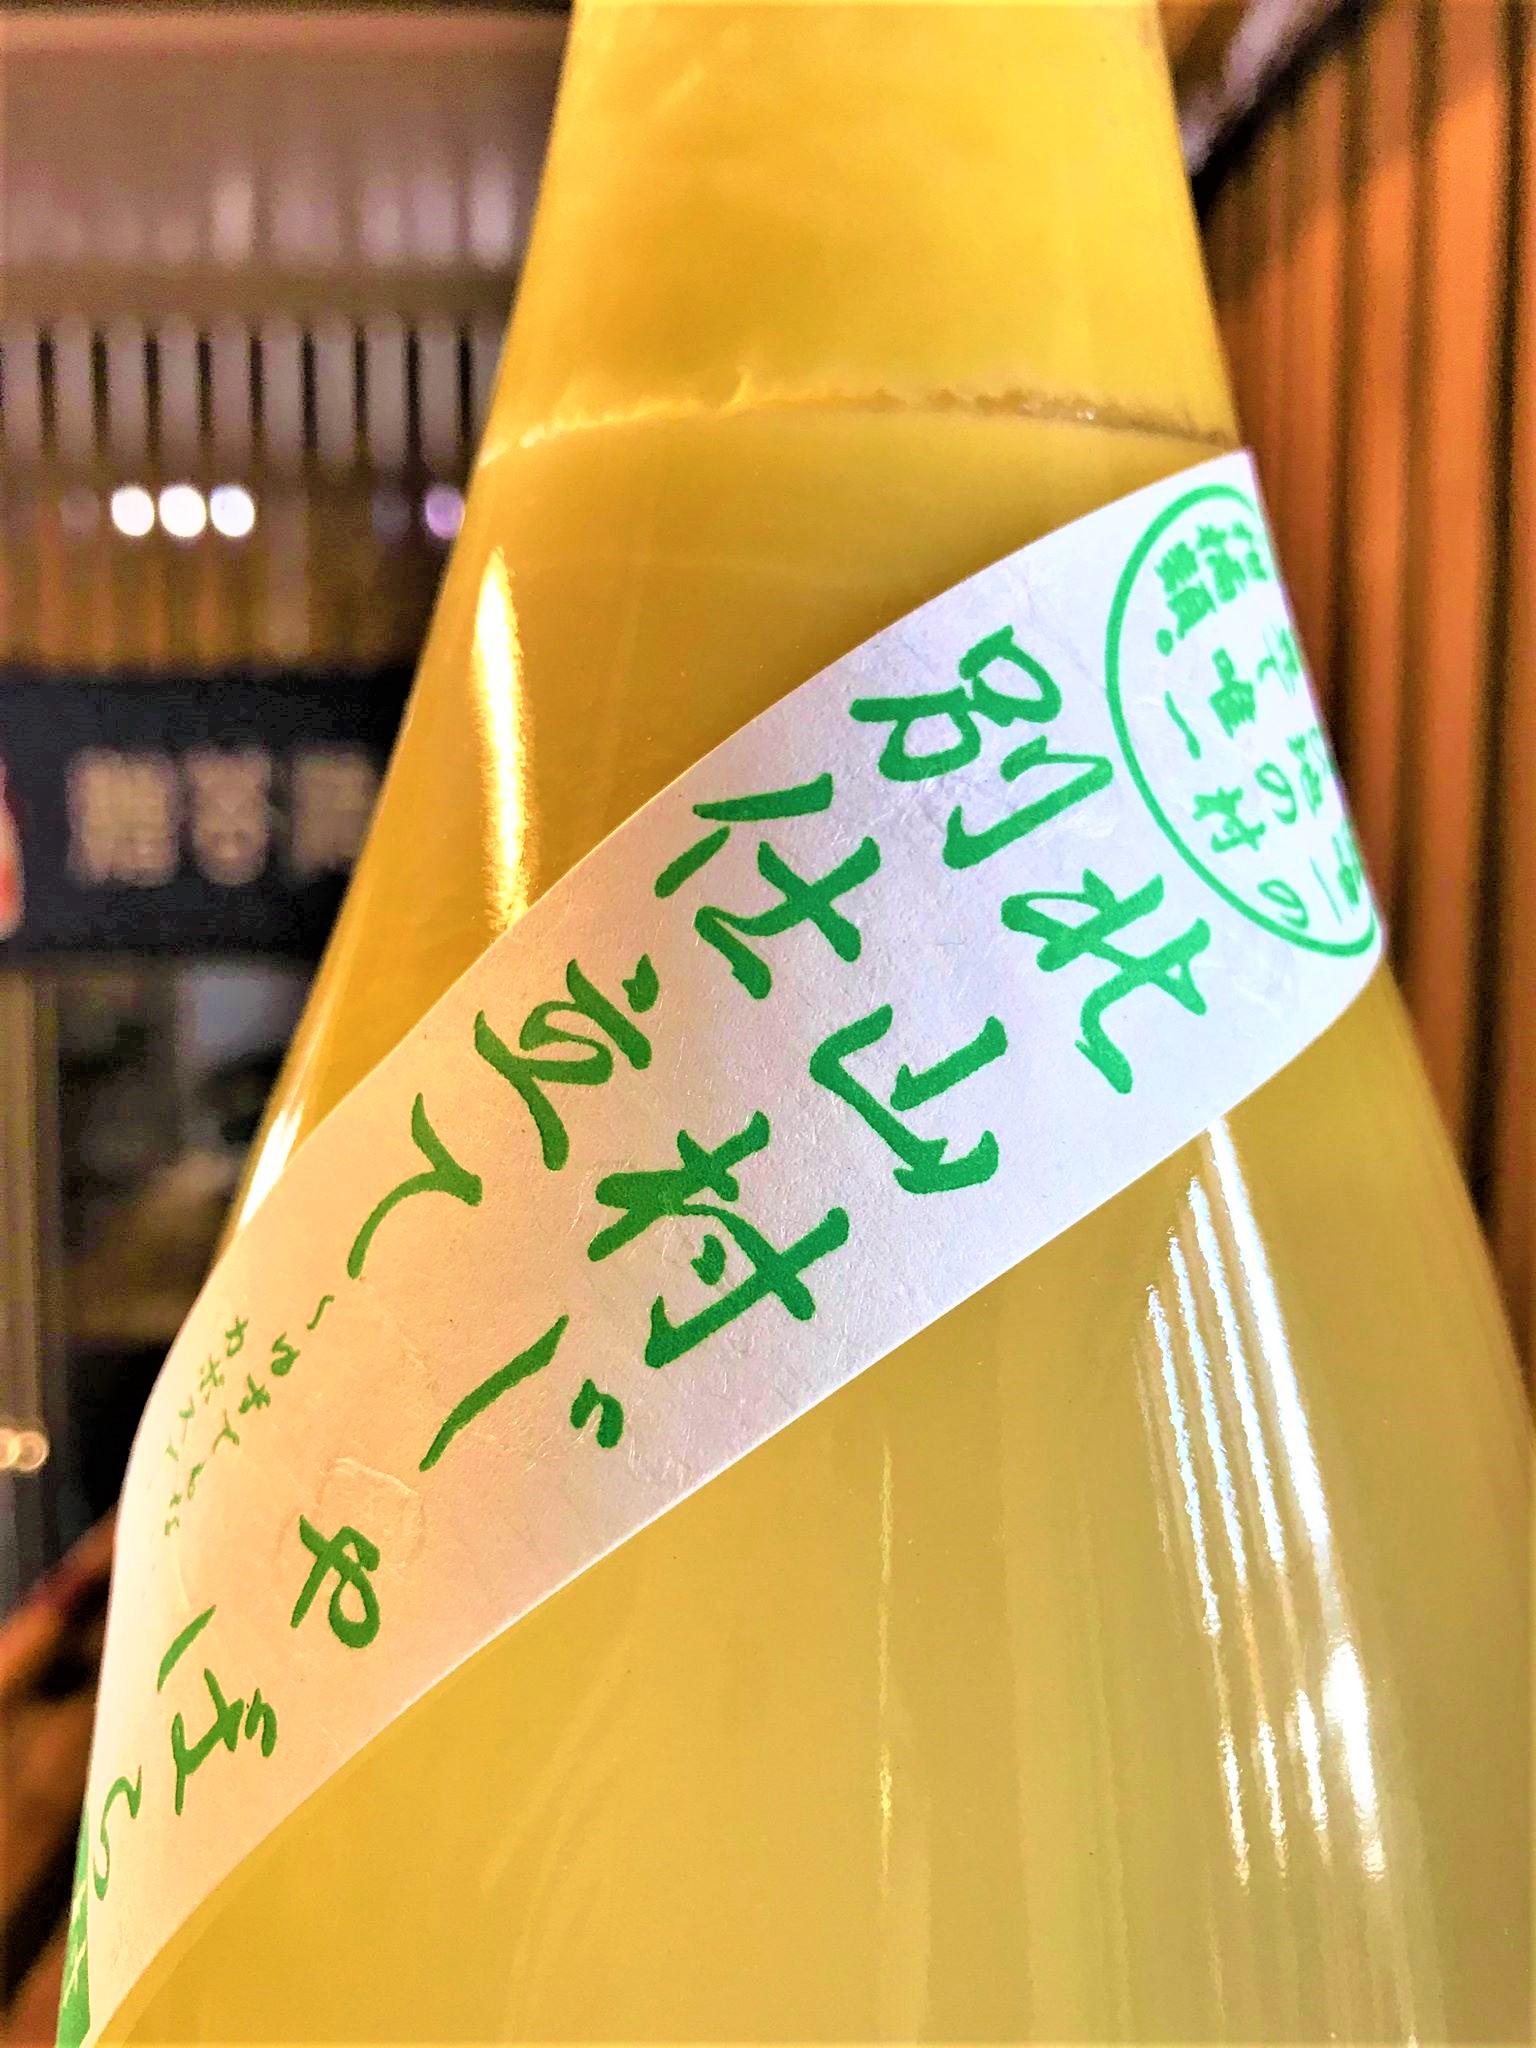 【じゃばら酒】吉村秀雄商店⭐別仕立て 北山村産🍋じゃばら酒 天然果汁仕込 限定 2020ver_e0173738_1352573.jpg